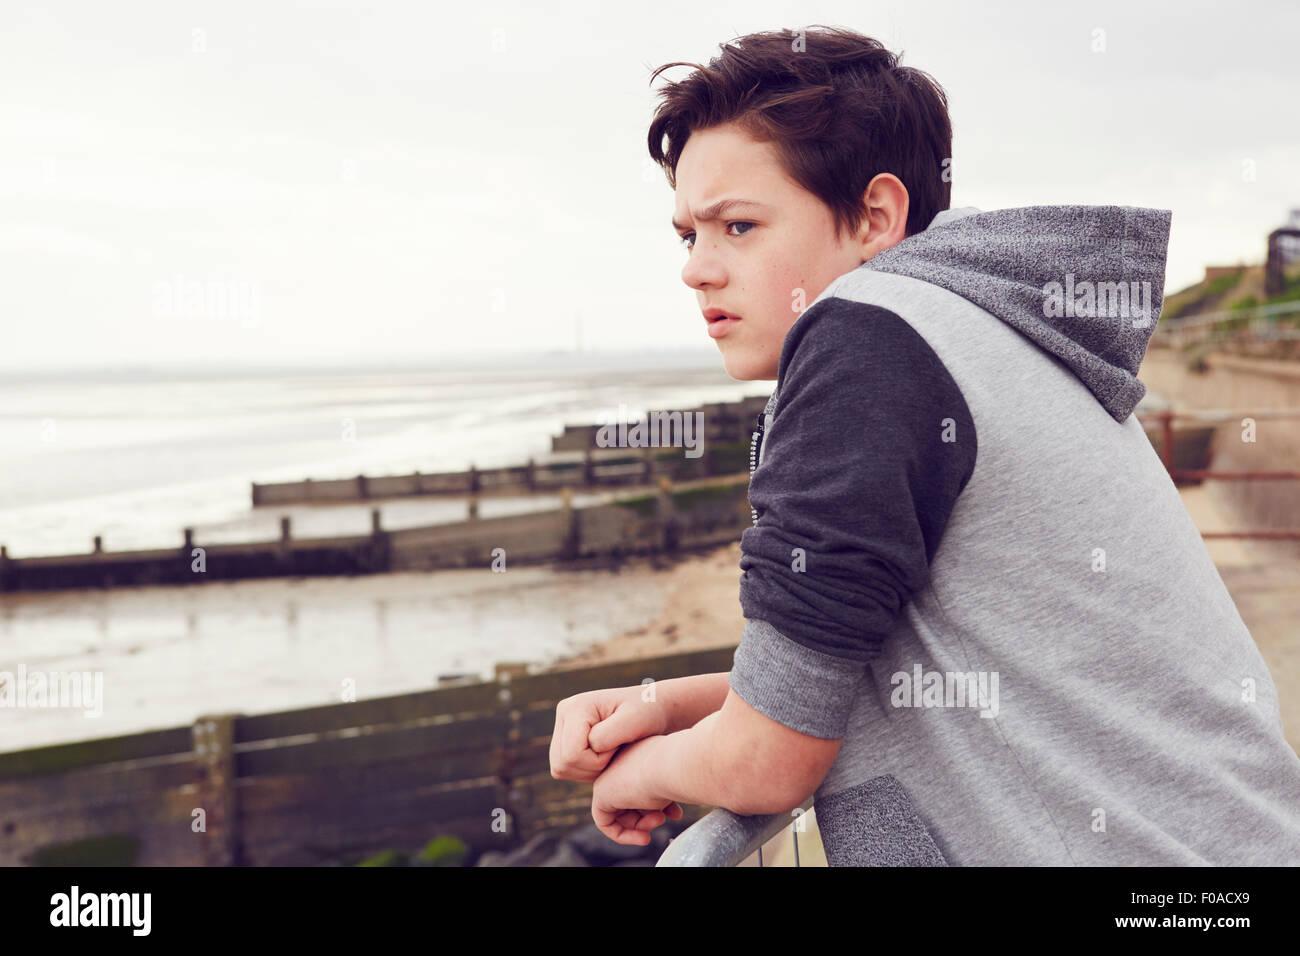 Malheureux adolescent à partir de rampes, Southend on Sea, Essex, UK Photo Stock